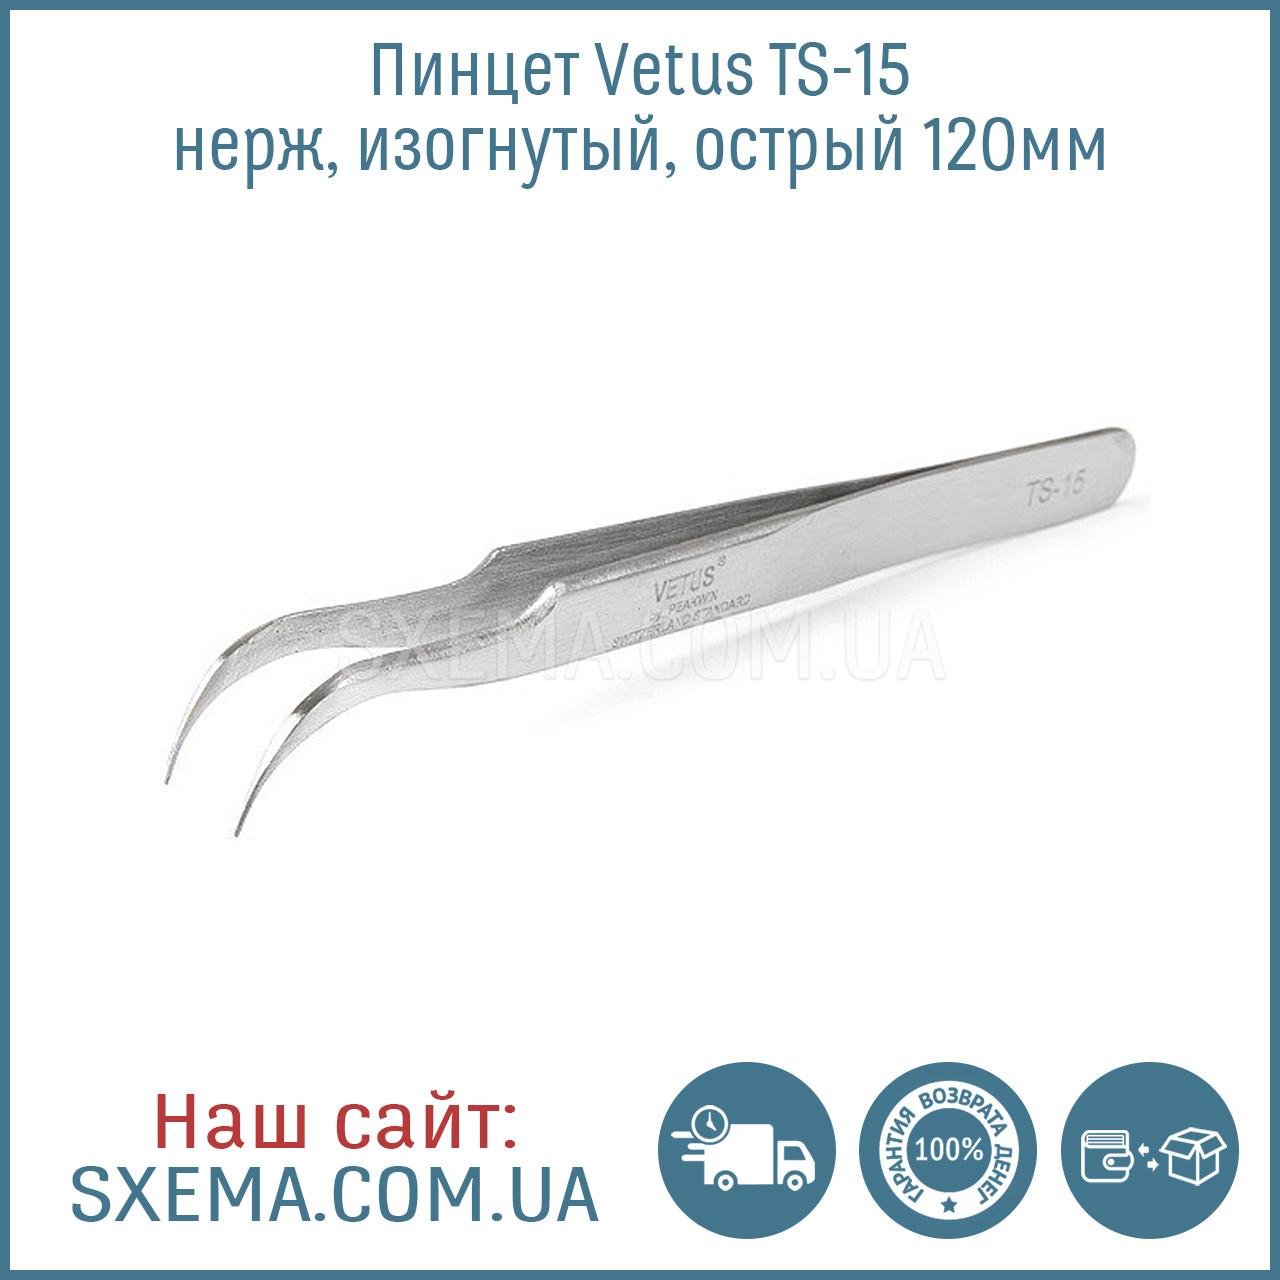 Пинцет Vetus TS-15 нерж, изогнутый, острый 120мм HRC30